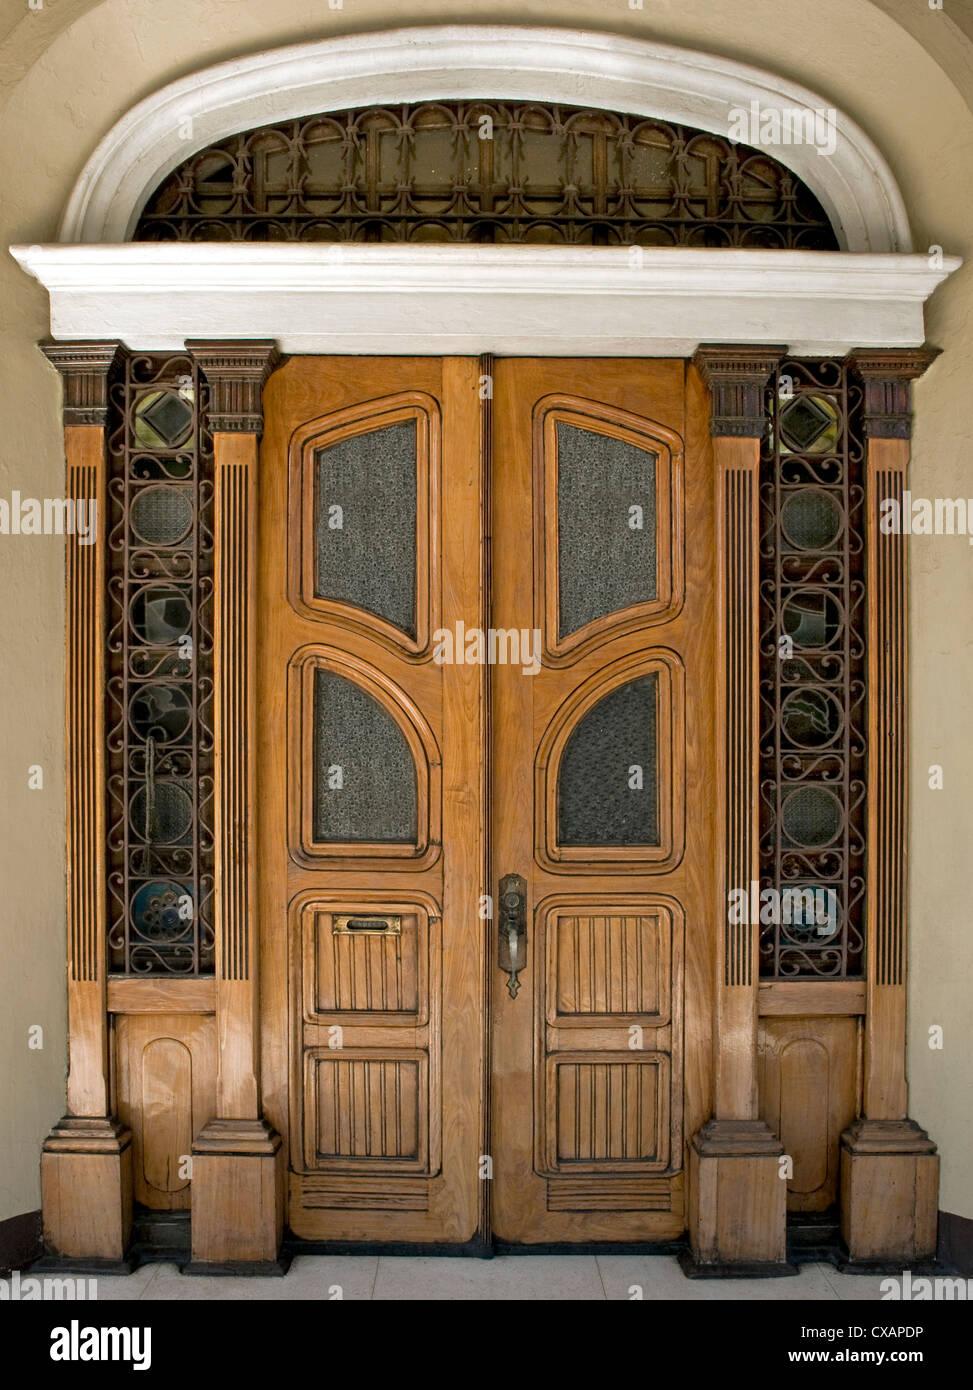 Stile Liberty porta, Iloilo, Filippine, Sud-est asiatico, in Asia Immagini Stock